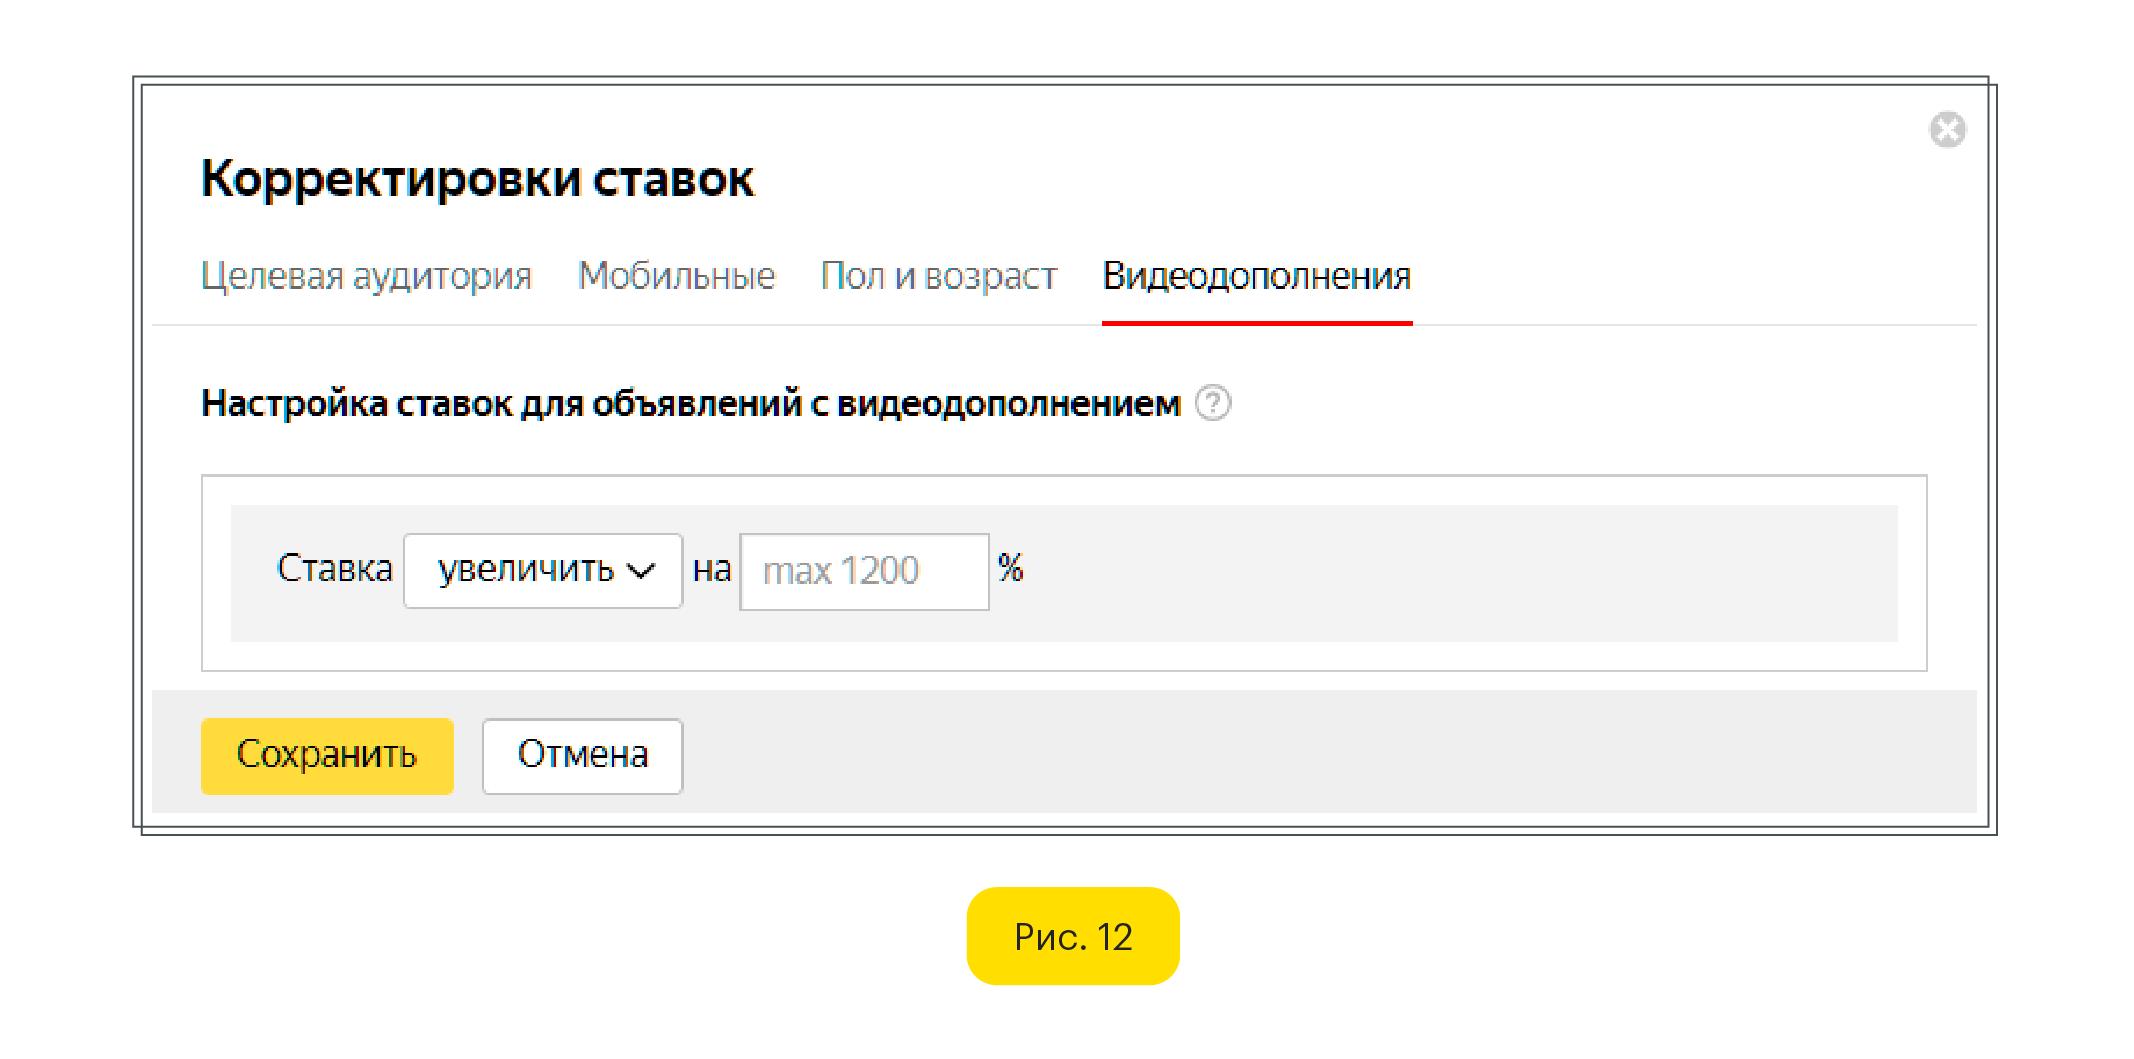 Корректировки ставок для видеодополнении Яндекс Директ